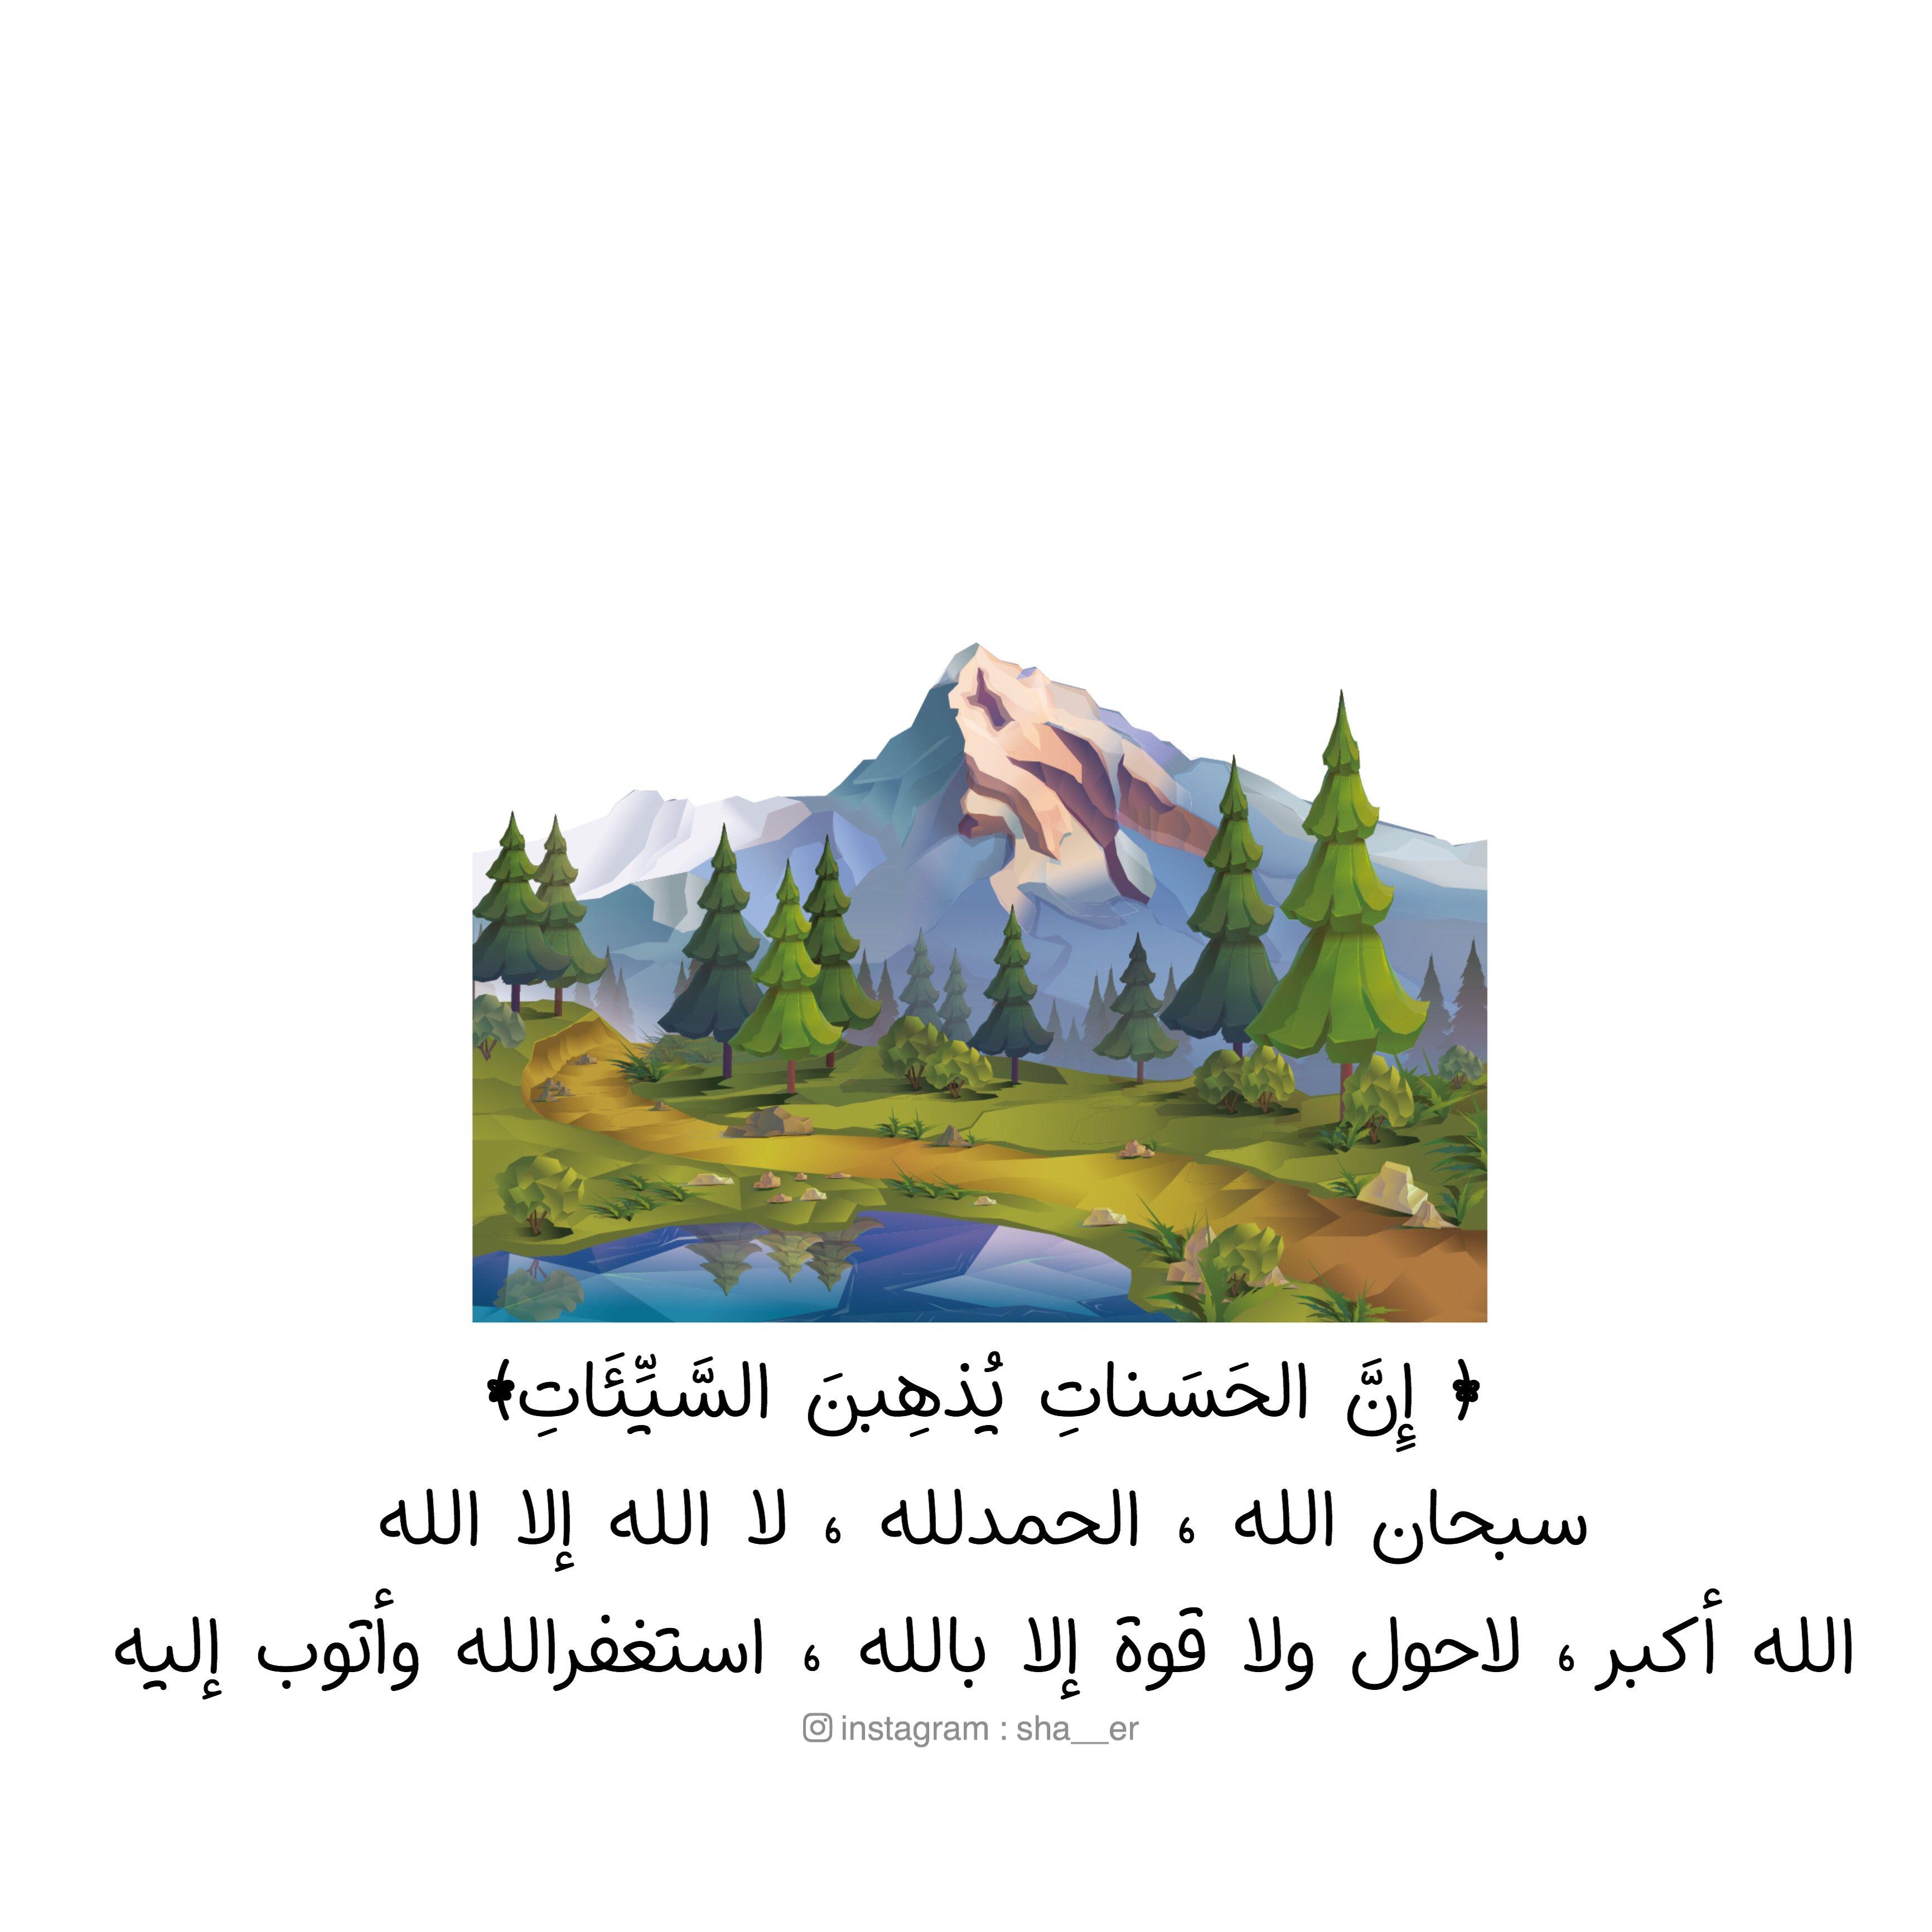 تصميم صور سبحان الله الحمدلله لا اله الا الله الله اكبر Instagram Painting Art